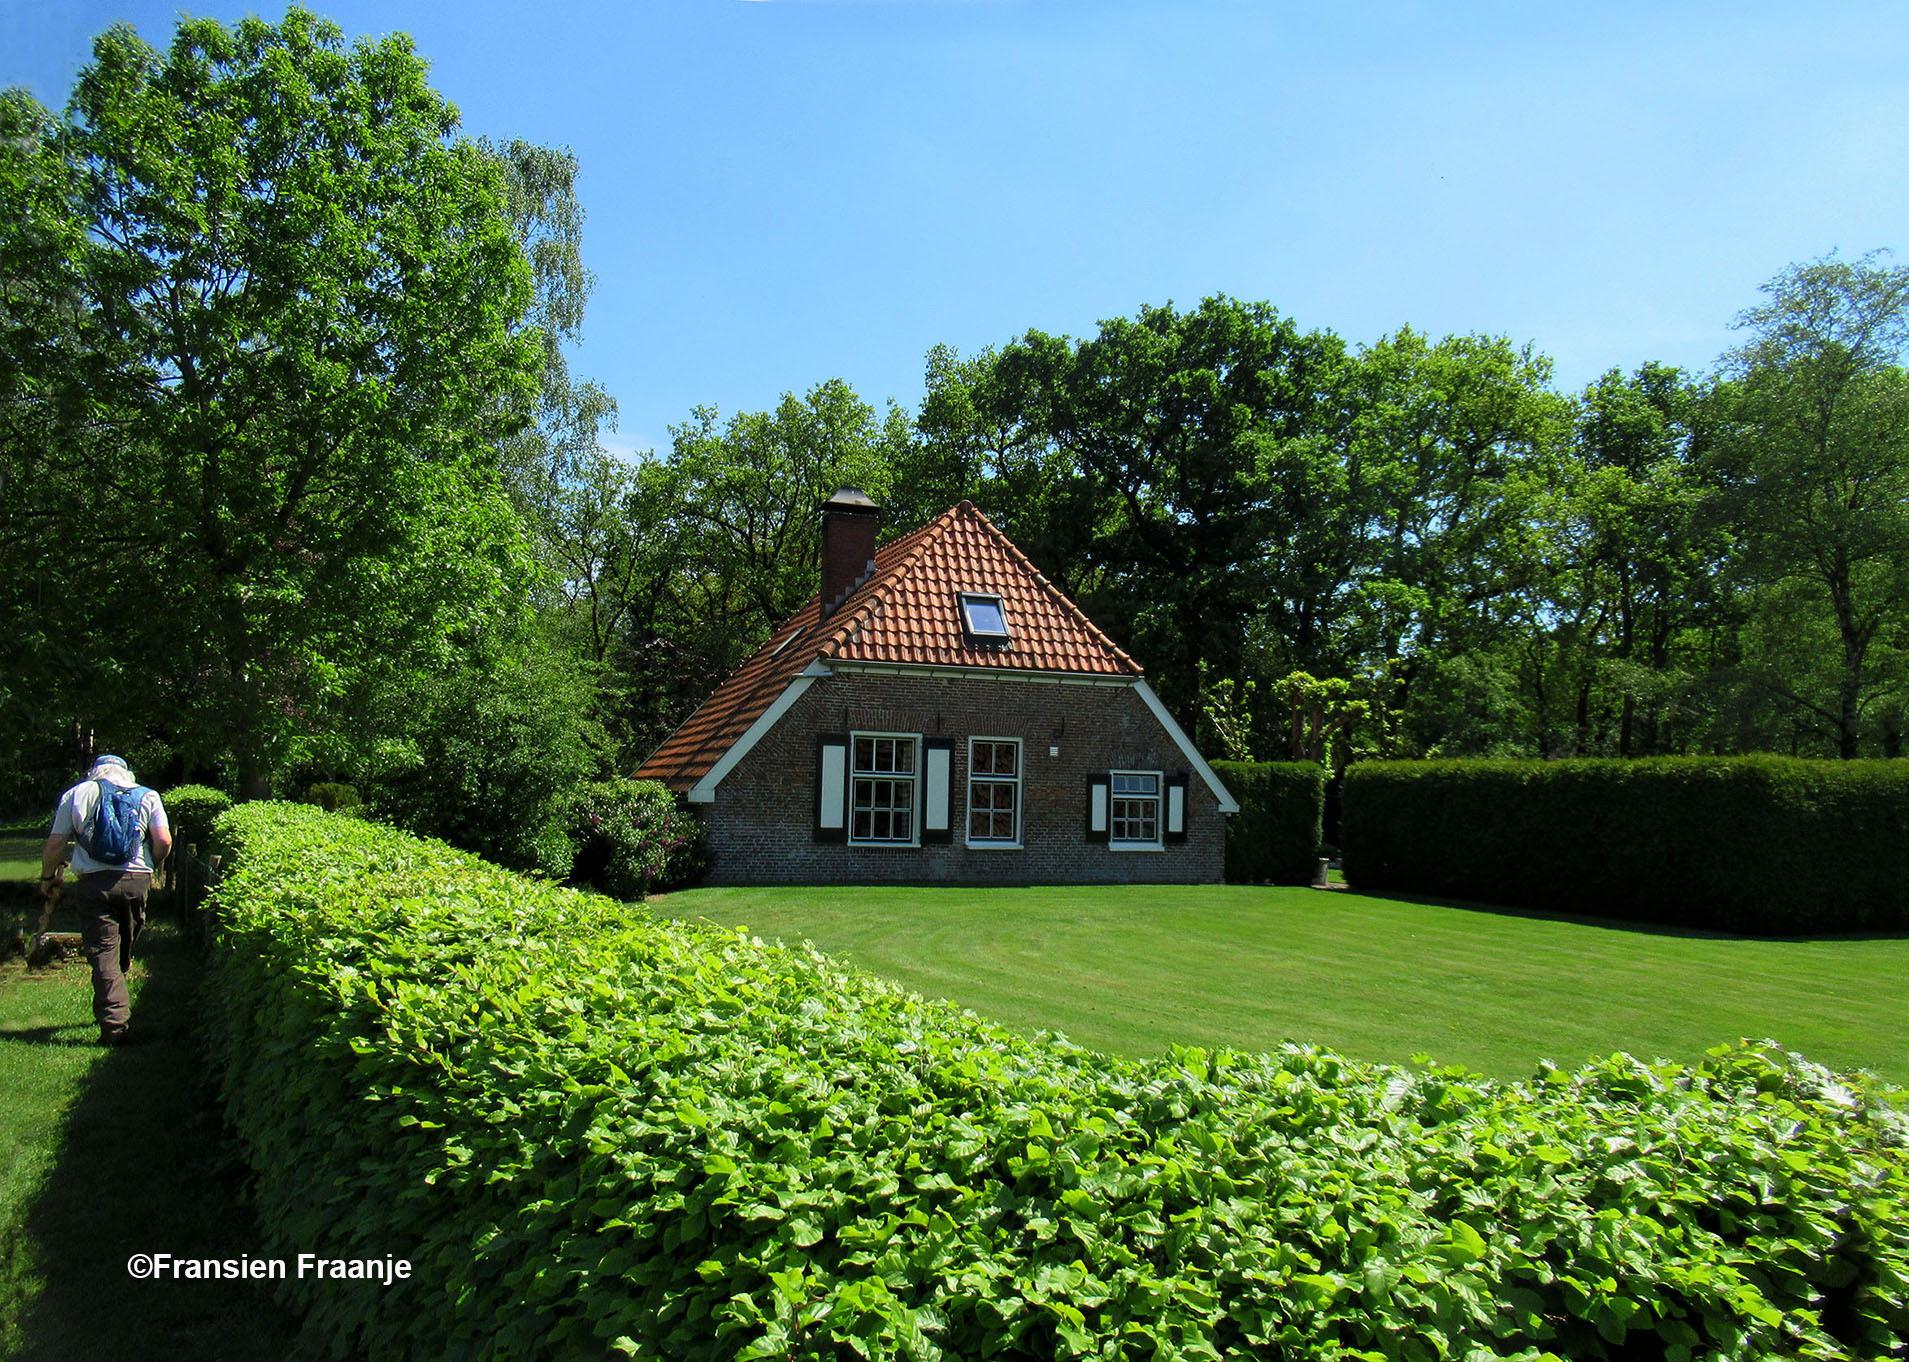 Als we voorbij de Houtzagerij van Boeve en Hop zijn, zien we rechts dit oude boerderijtje - Foto: ©Fransien Fraanje